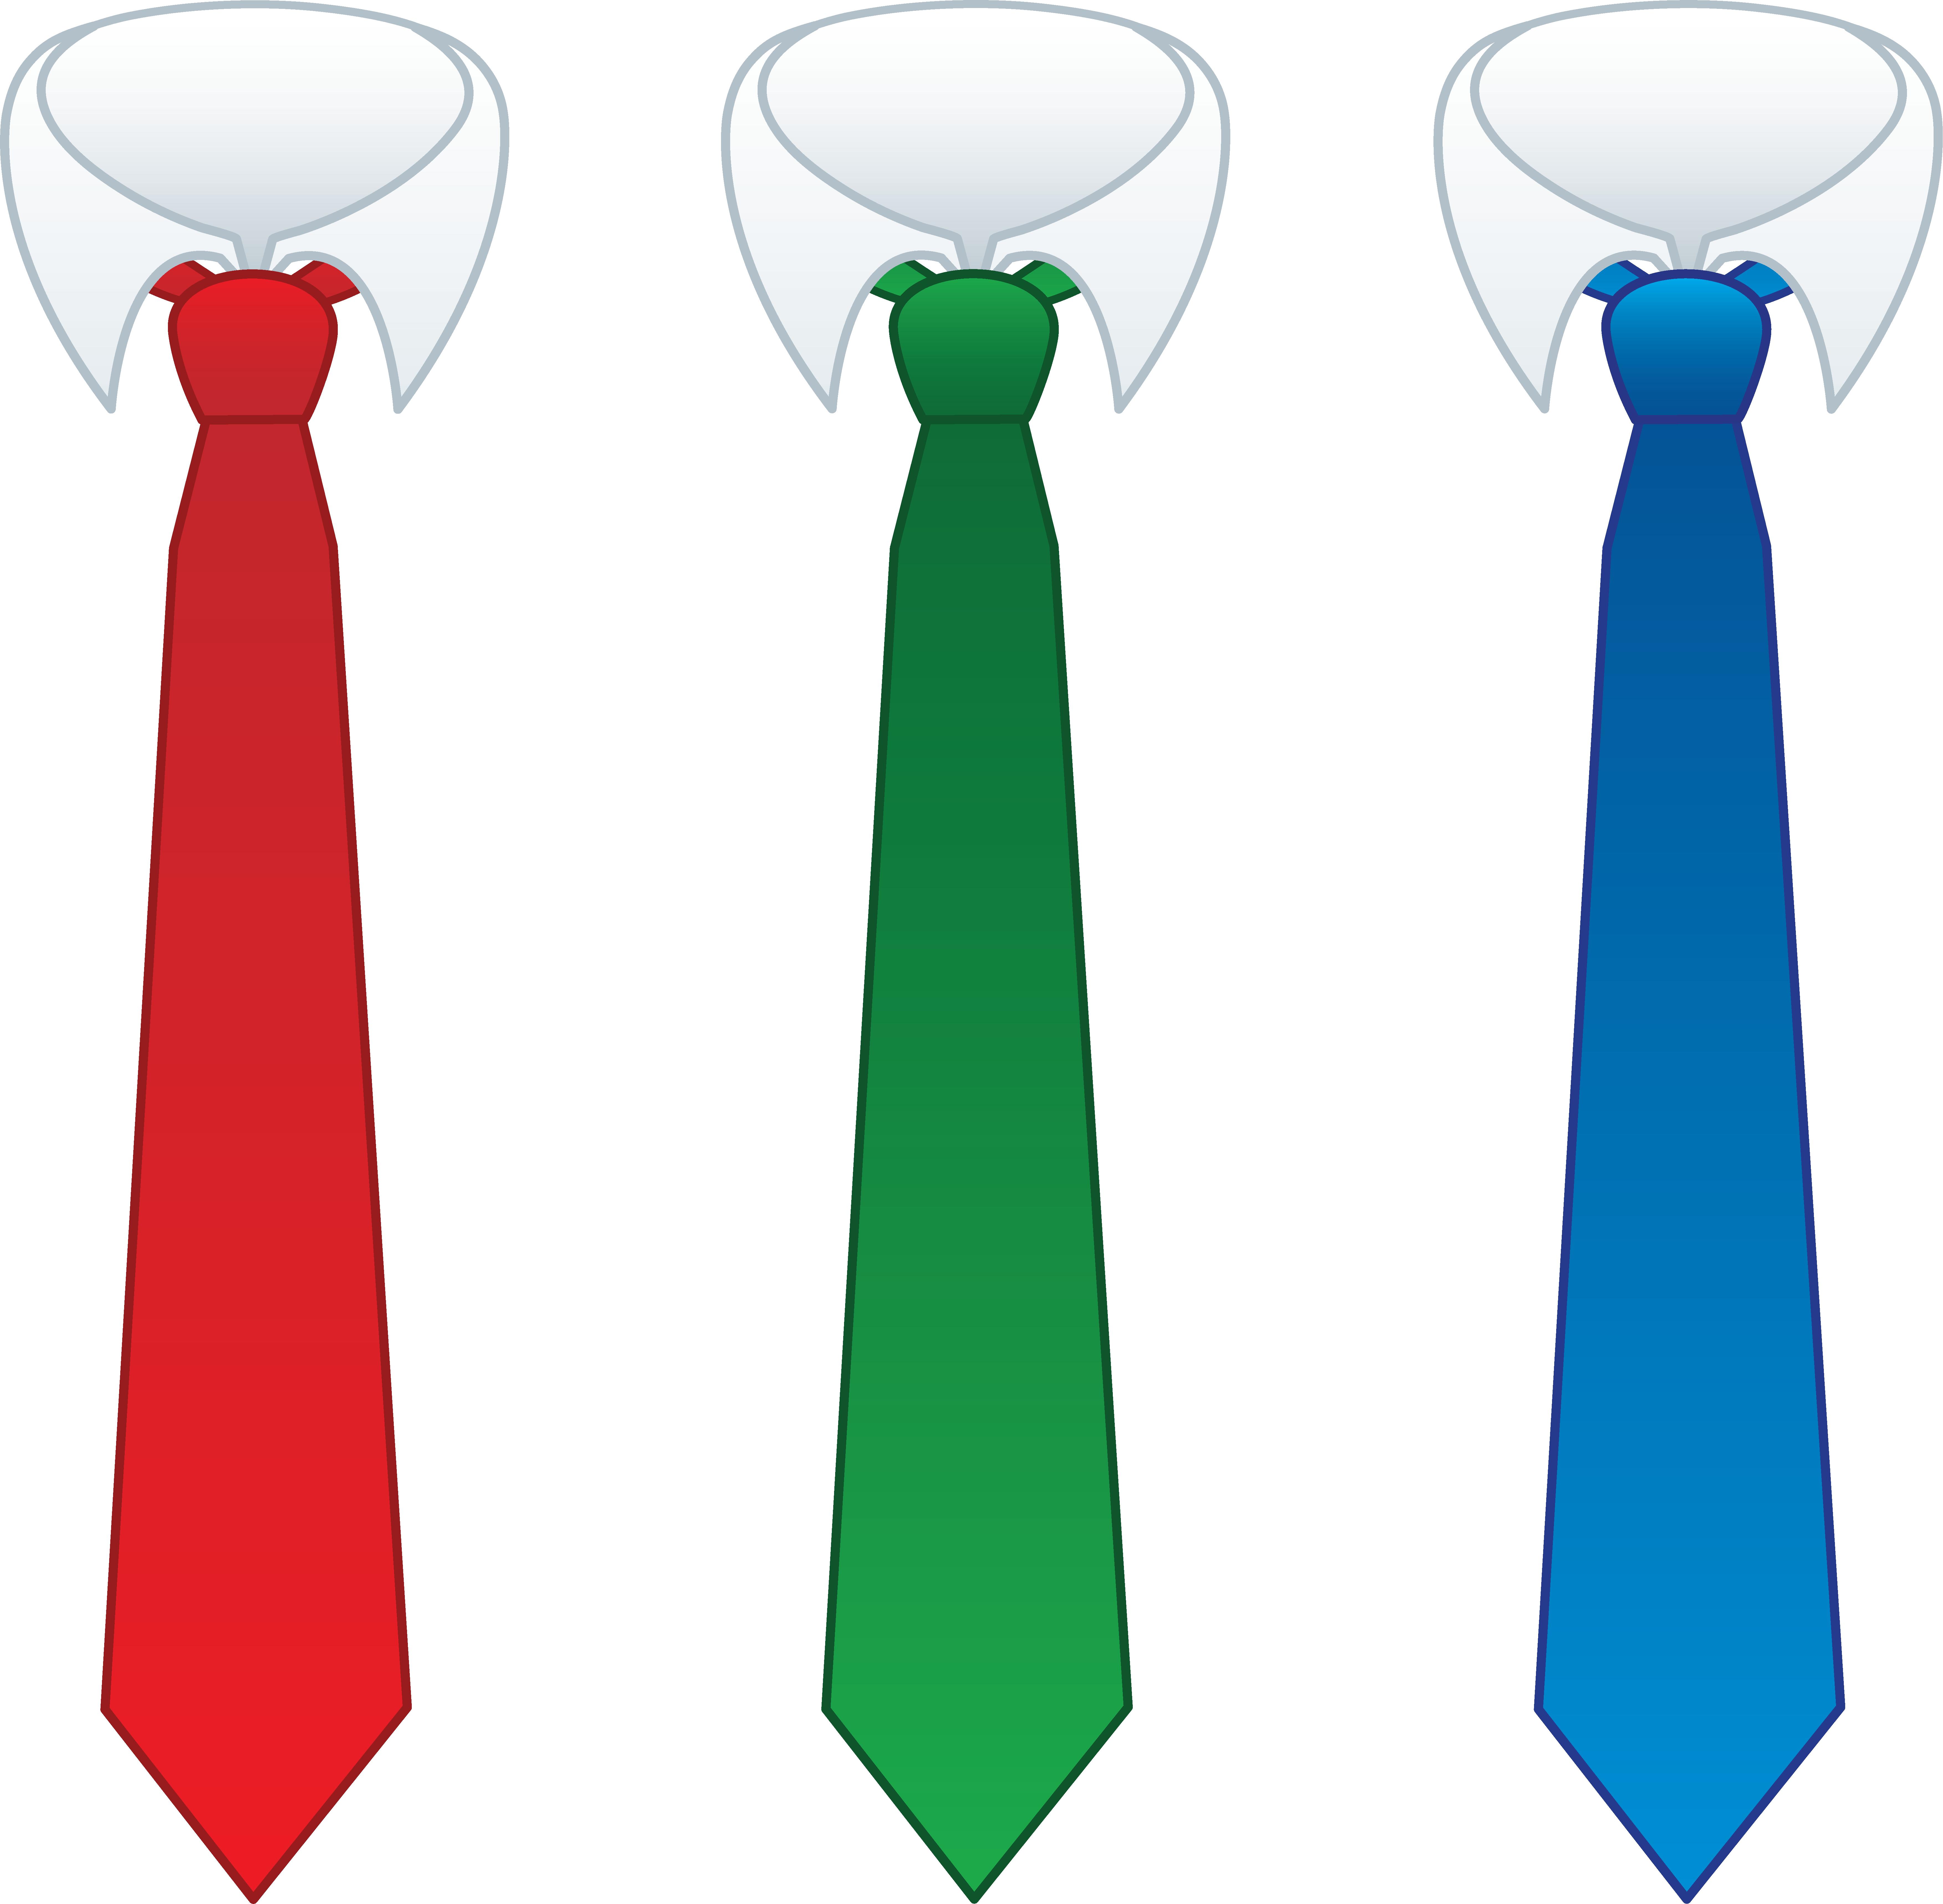 Necktie Clipart | Clipart Panda - Free Clipart Images